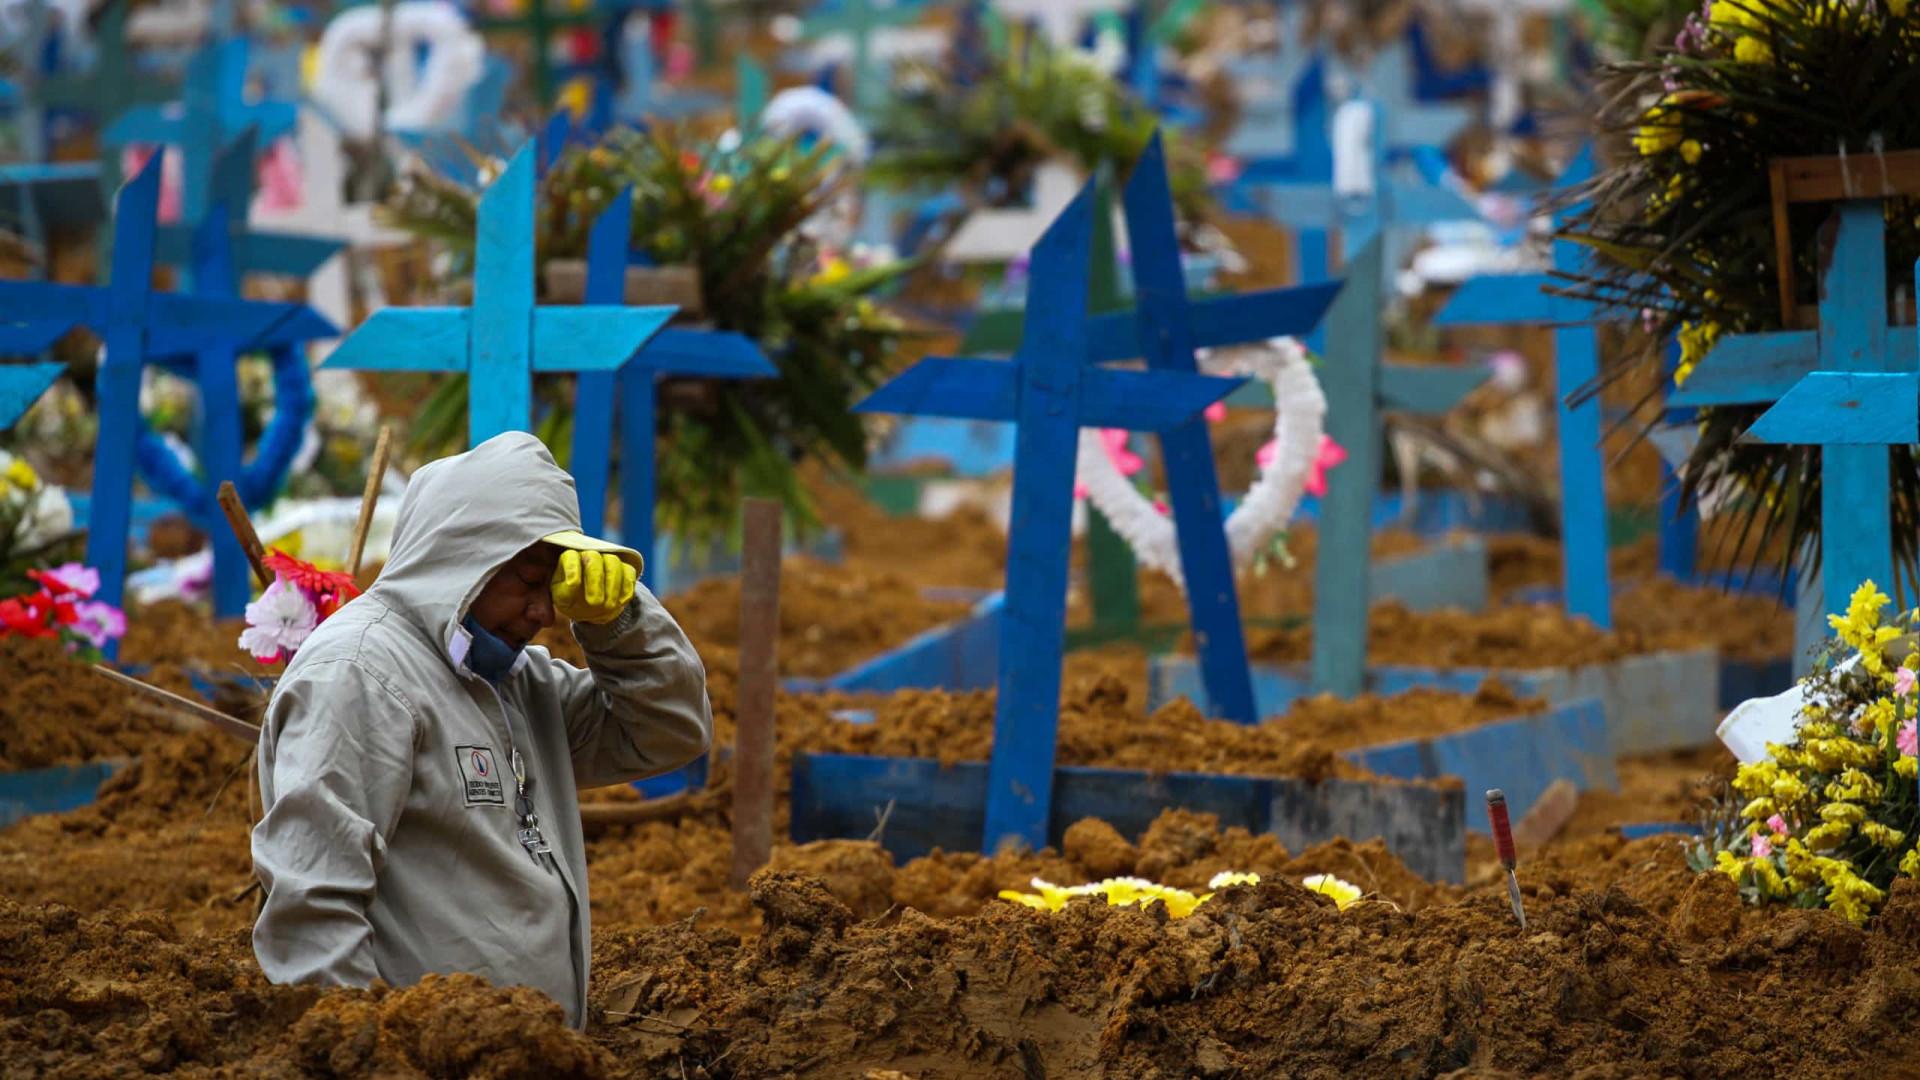 Com feriado, Brasil registra menor média móvel de mortes desde 11 de novembro